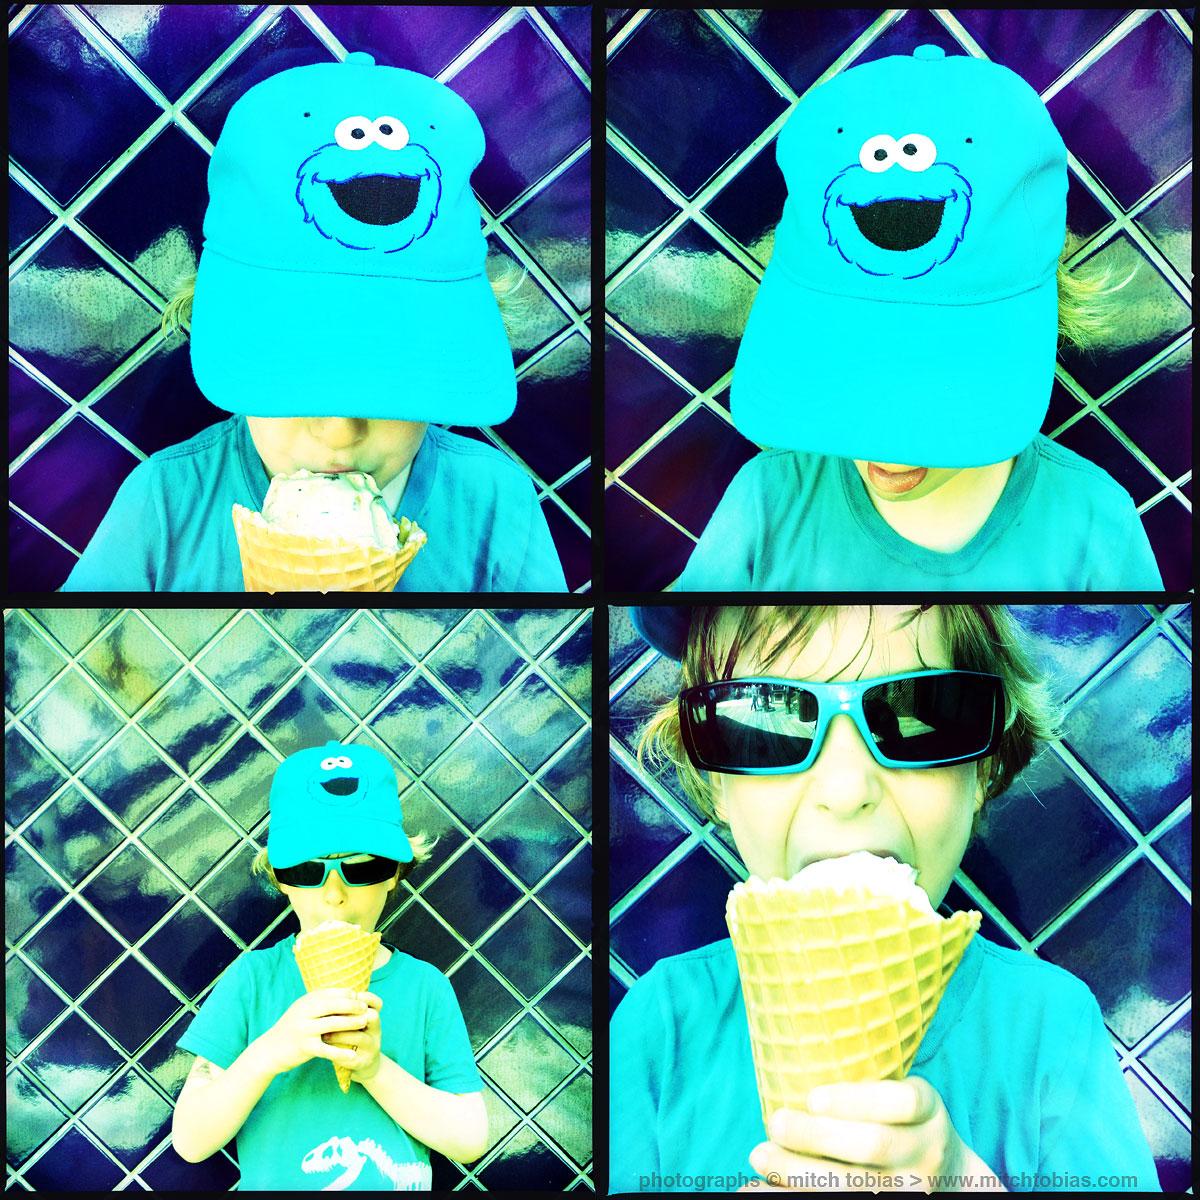 mitch_tobias_dorian_ice_cream_opt